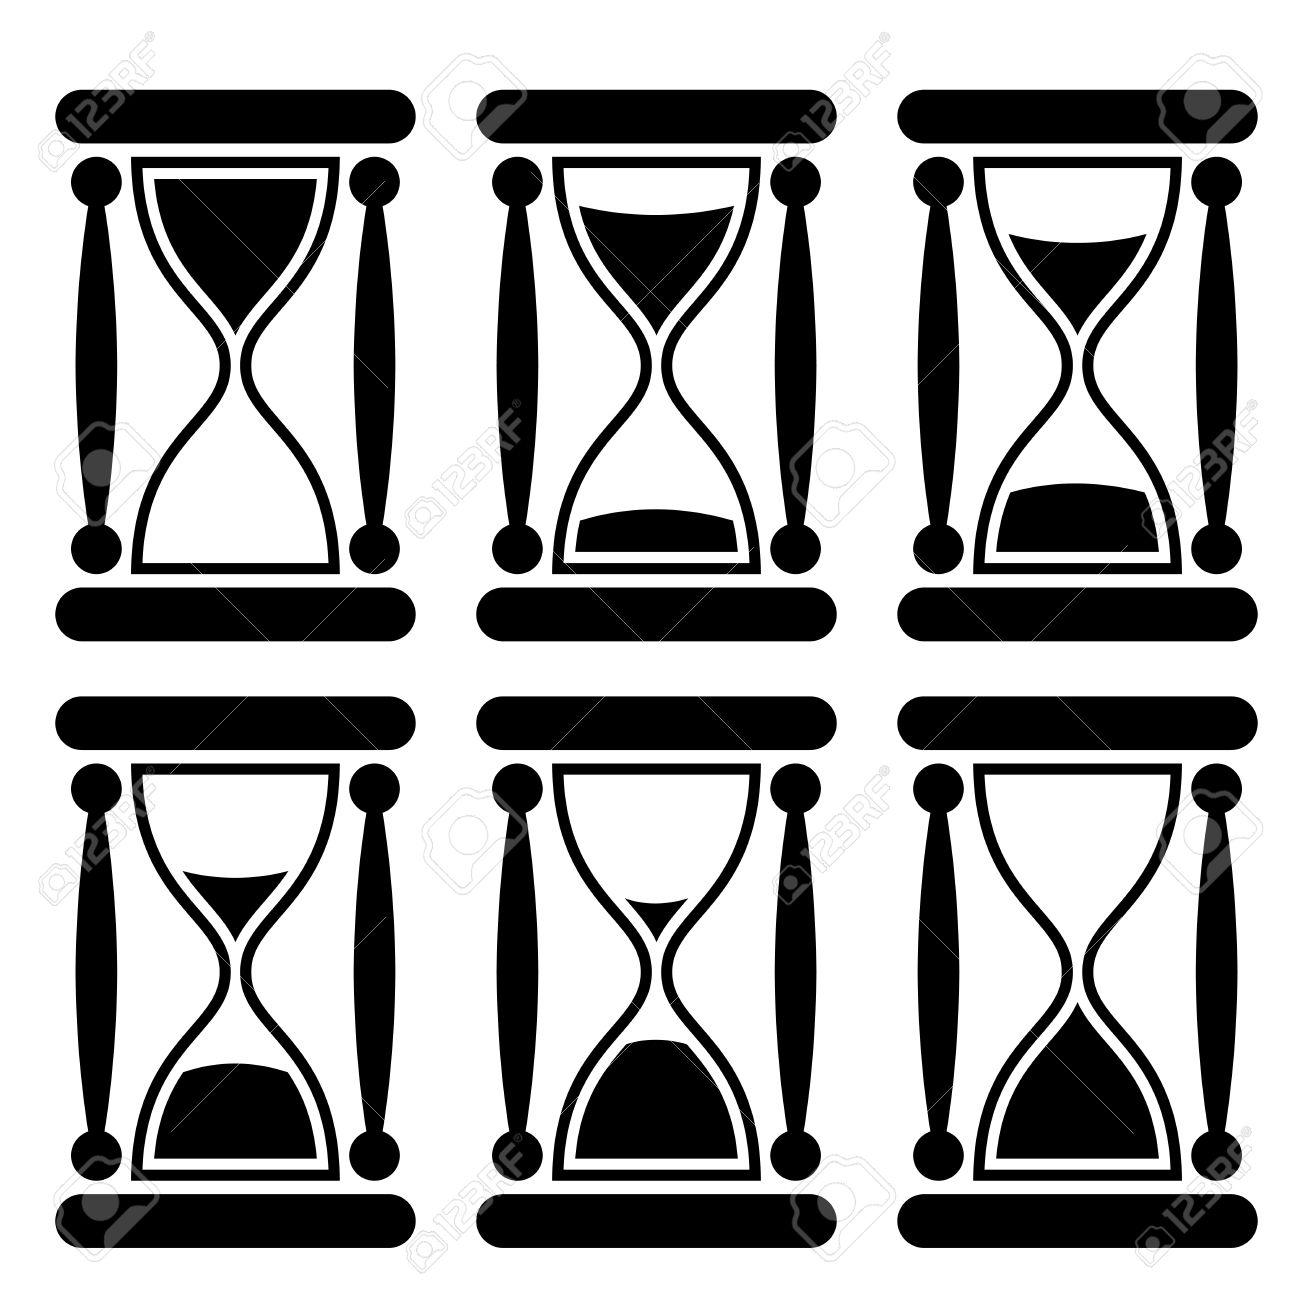 Sanduhr schwarz weiß  Schwarz Und Weiß Sanduhr-Symbol Zeigt, Die Zeit Vergeht Lizenzfrei ...